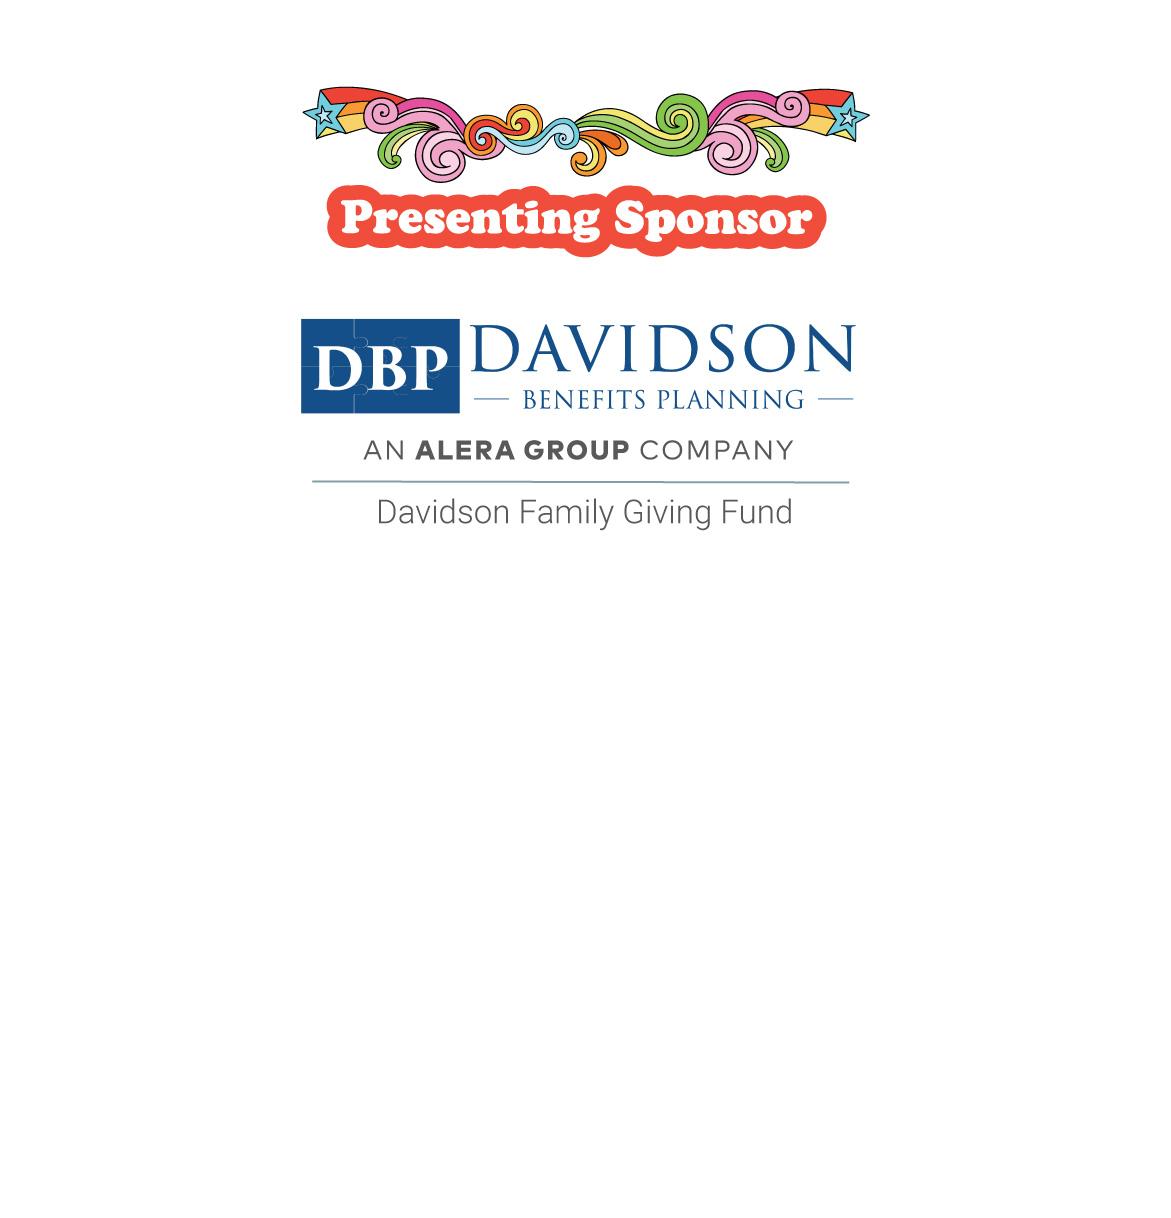 davison benefits planning